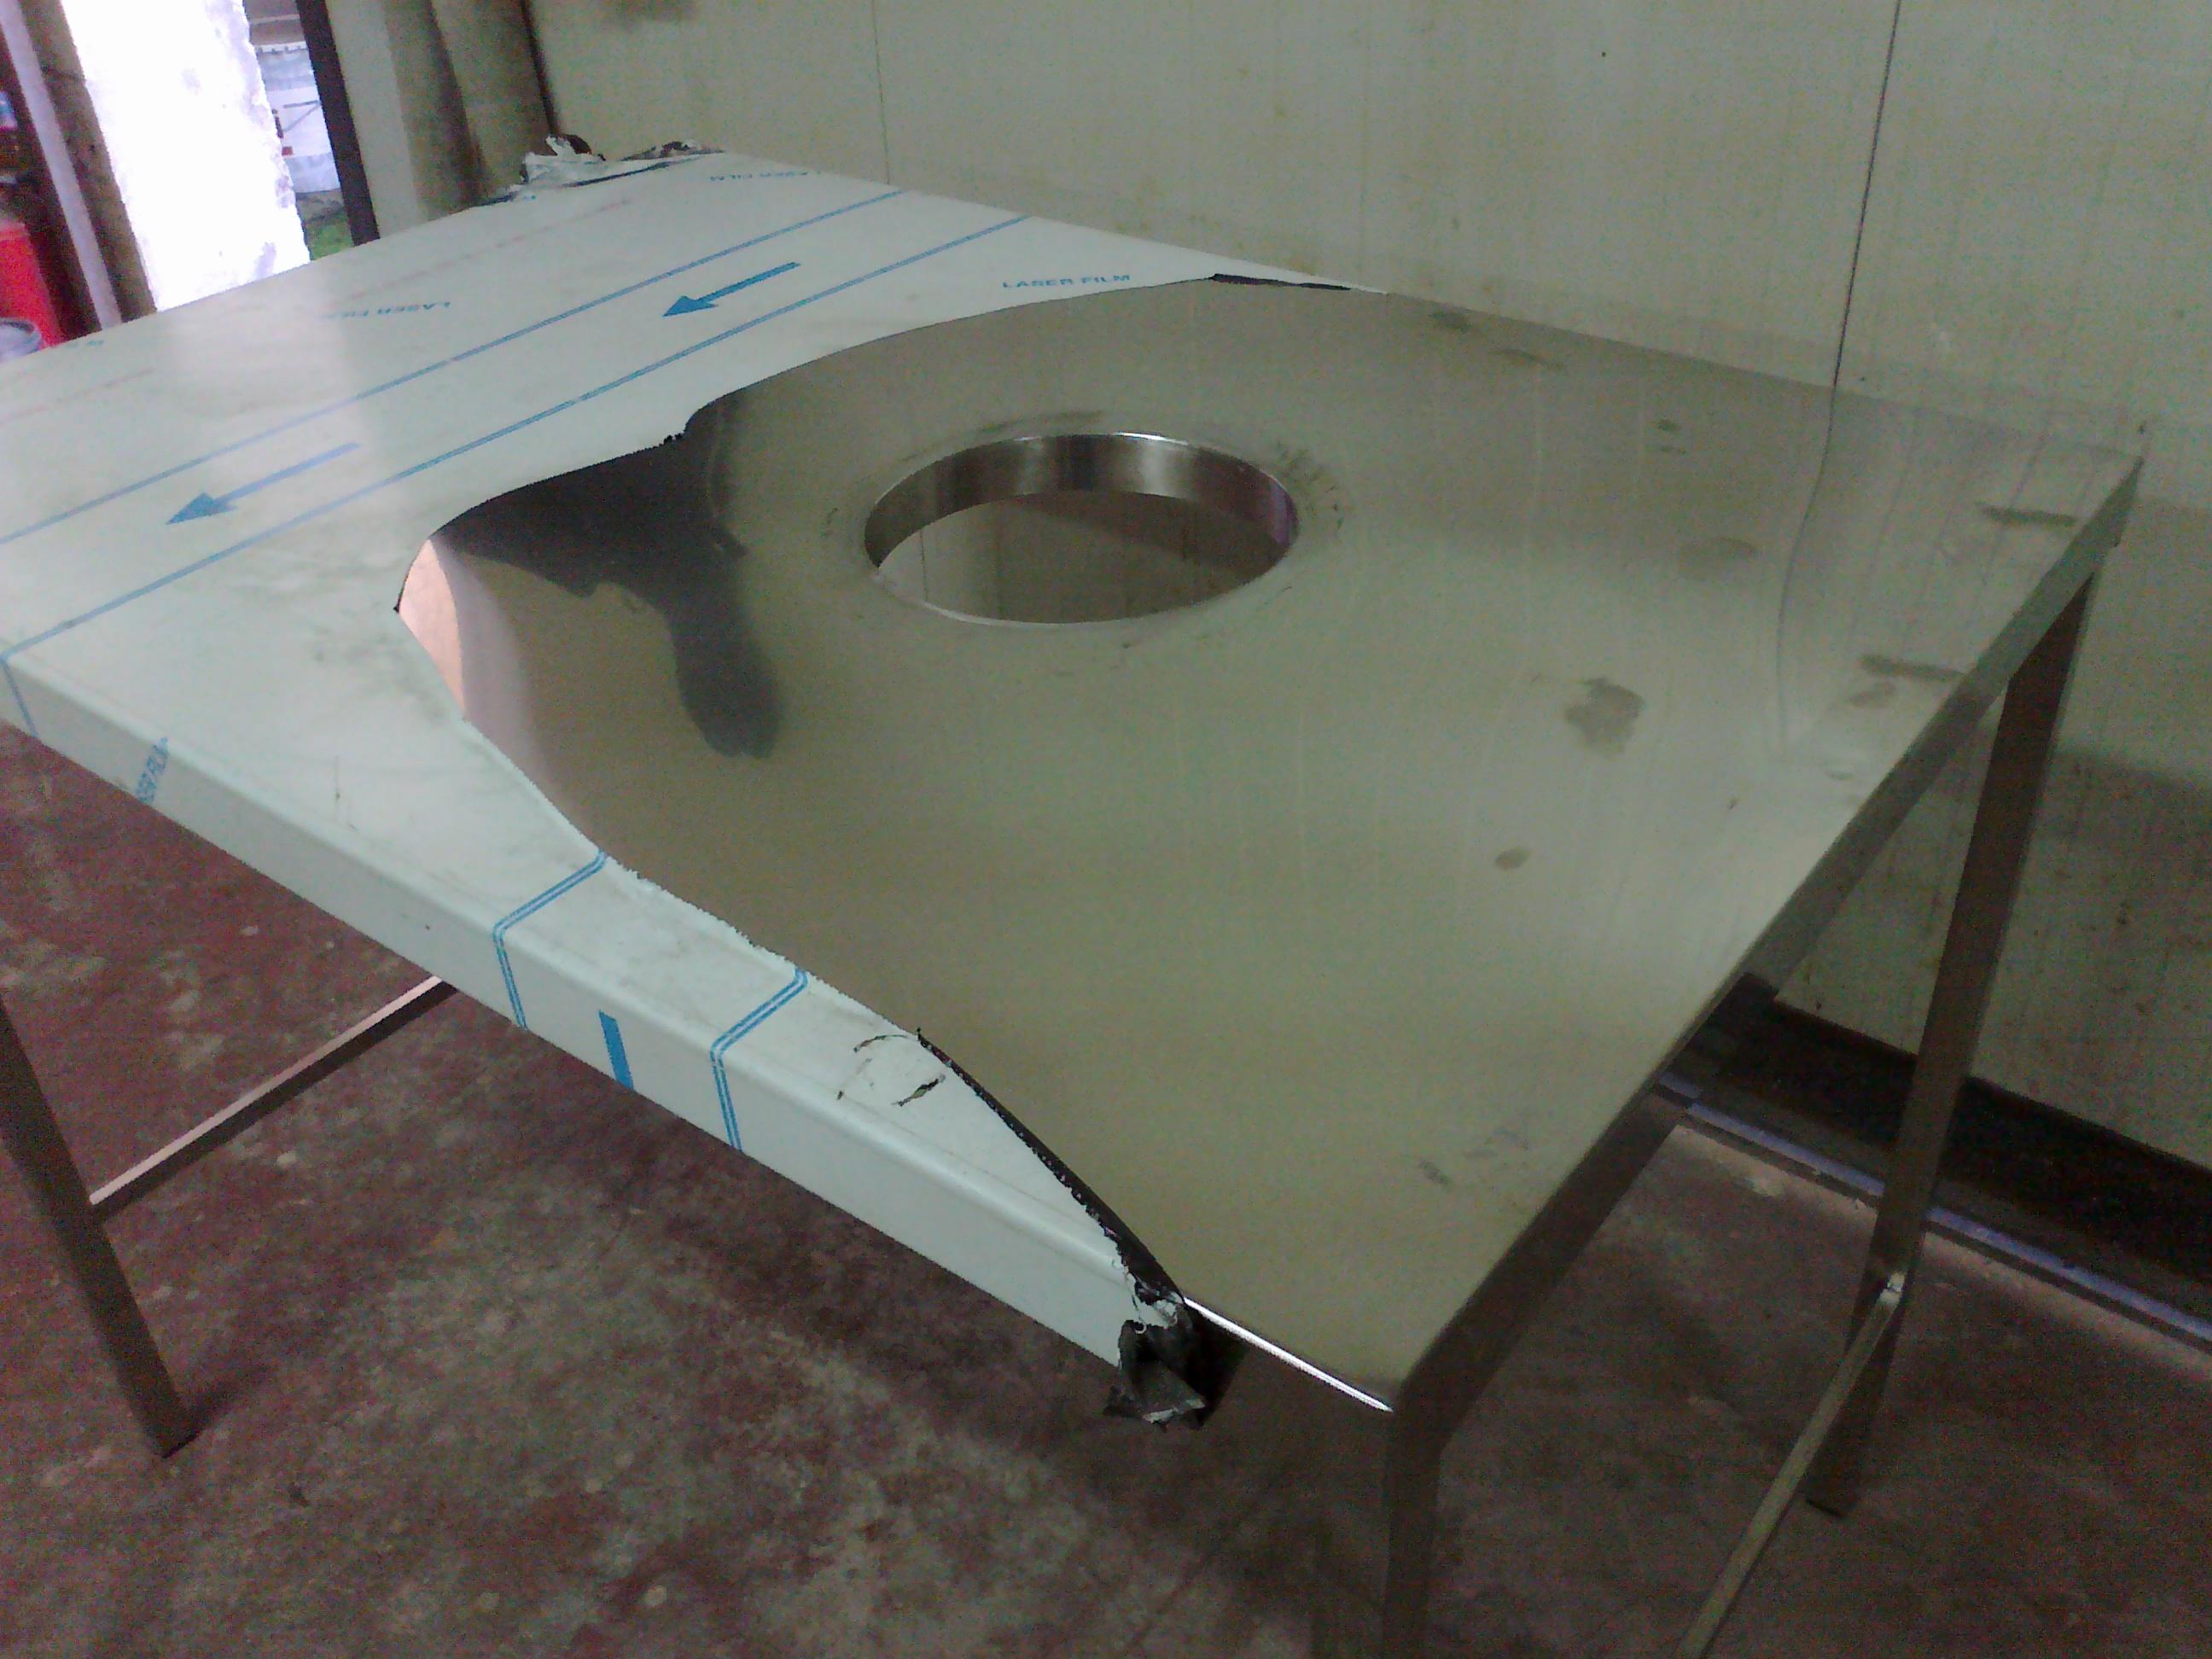 Tavolo Da Lavoro Acciaio : Tavolo da lavoro in acciaio inox con foro di scolo per rifiuti